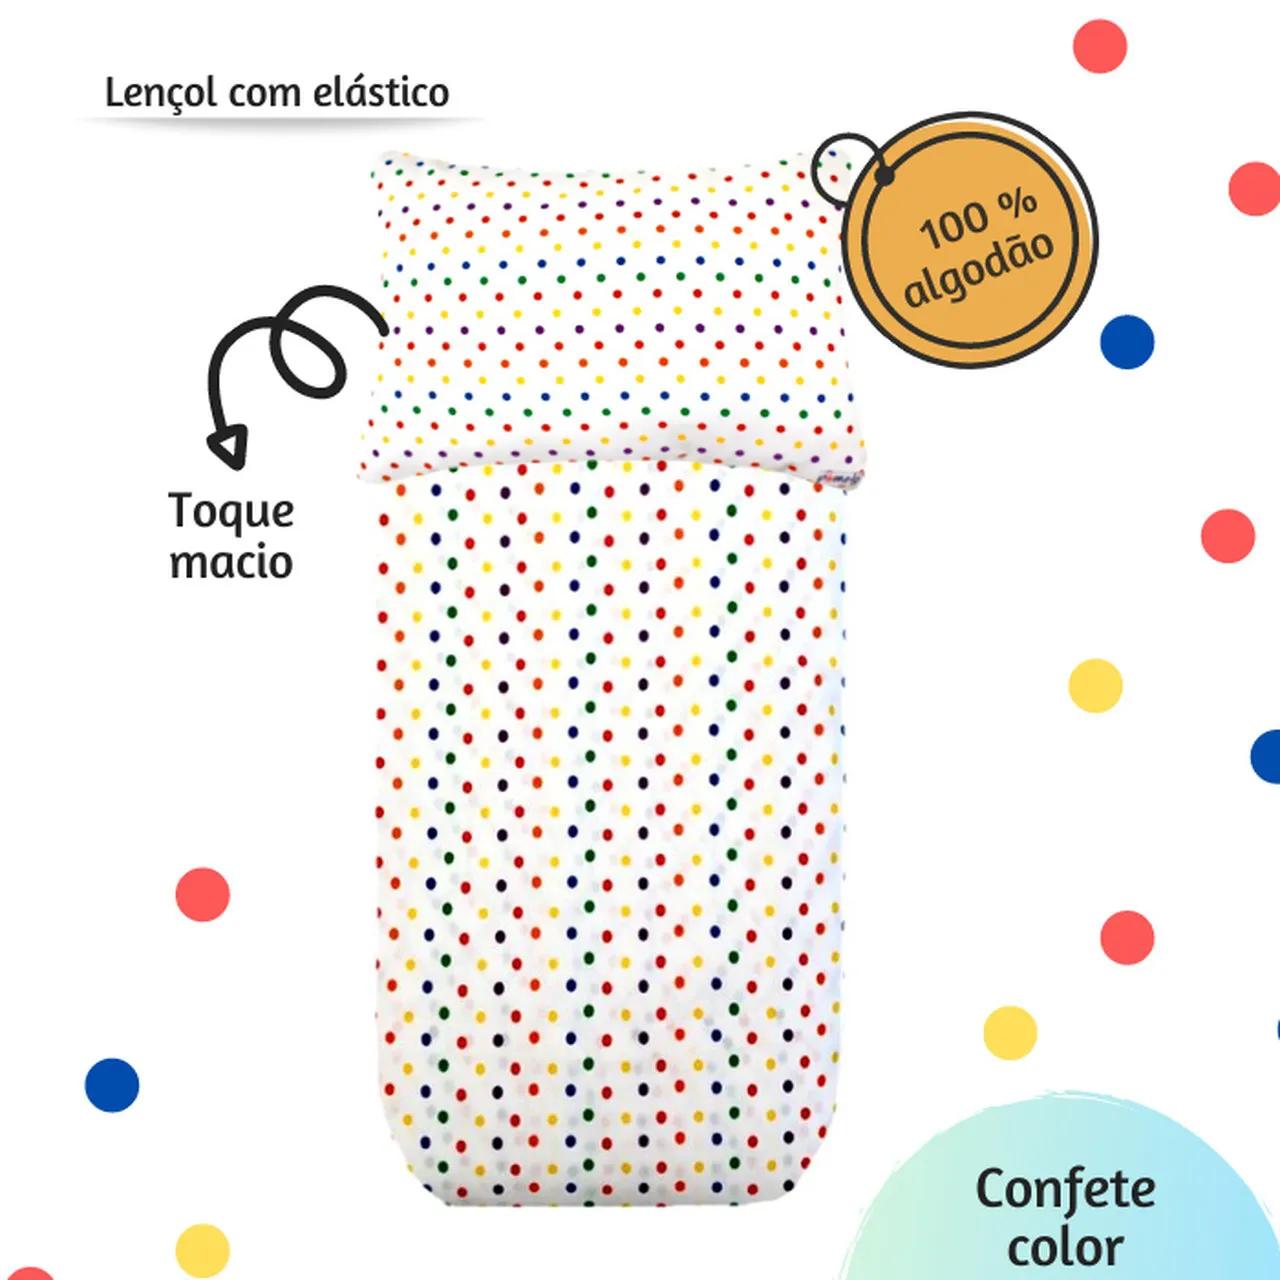 Jogo de lençol mini cama estampa Confete color  - Pomelo Decor